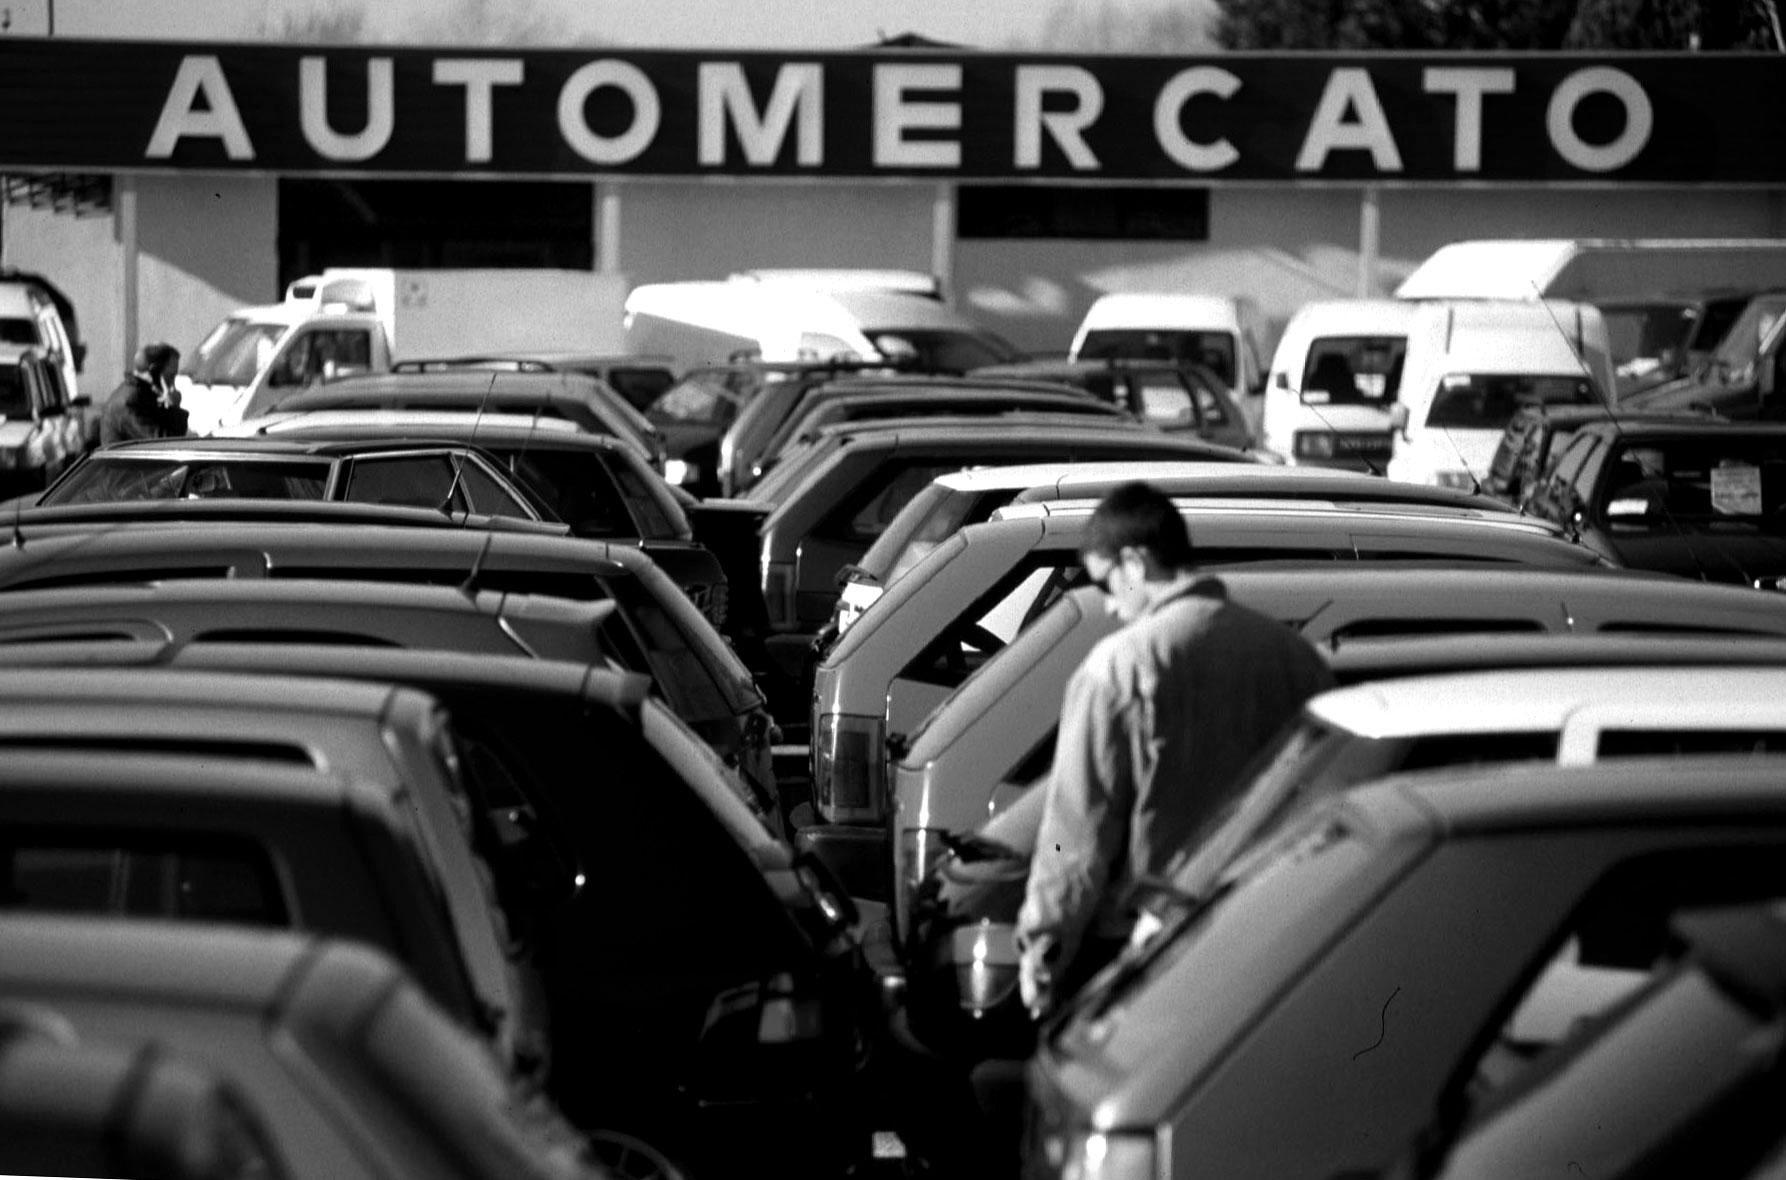 Annunci Privati Auto Usate